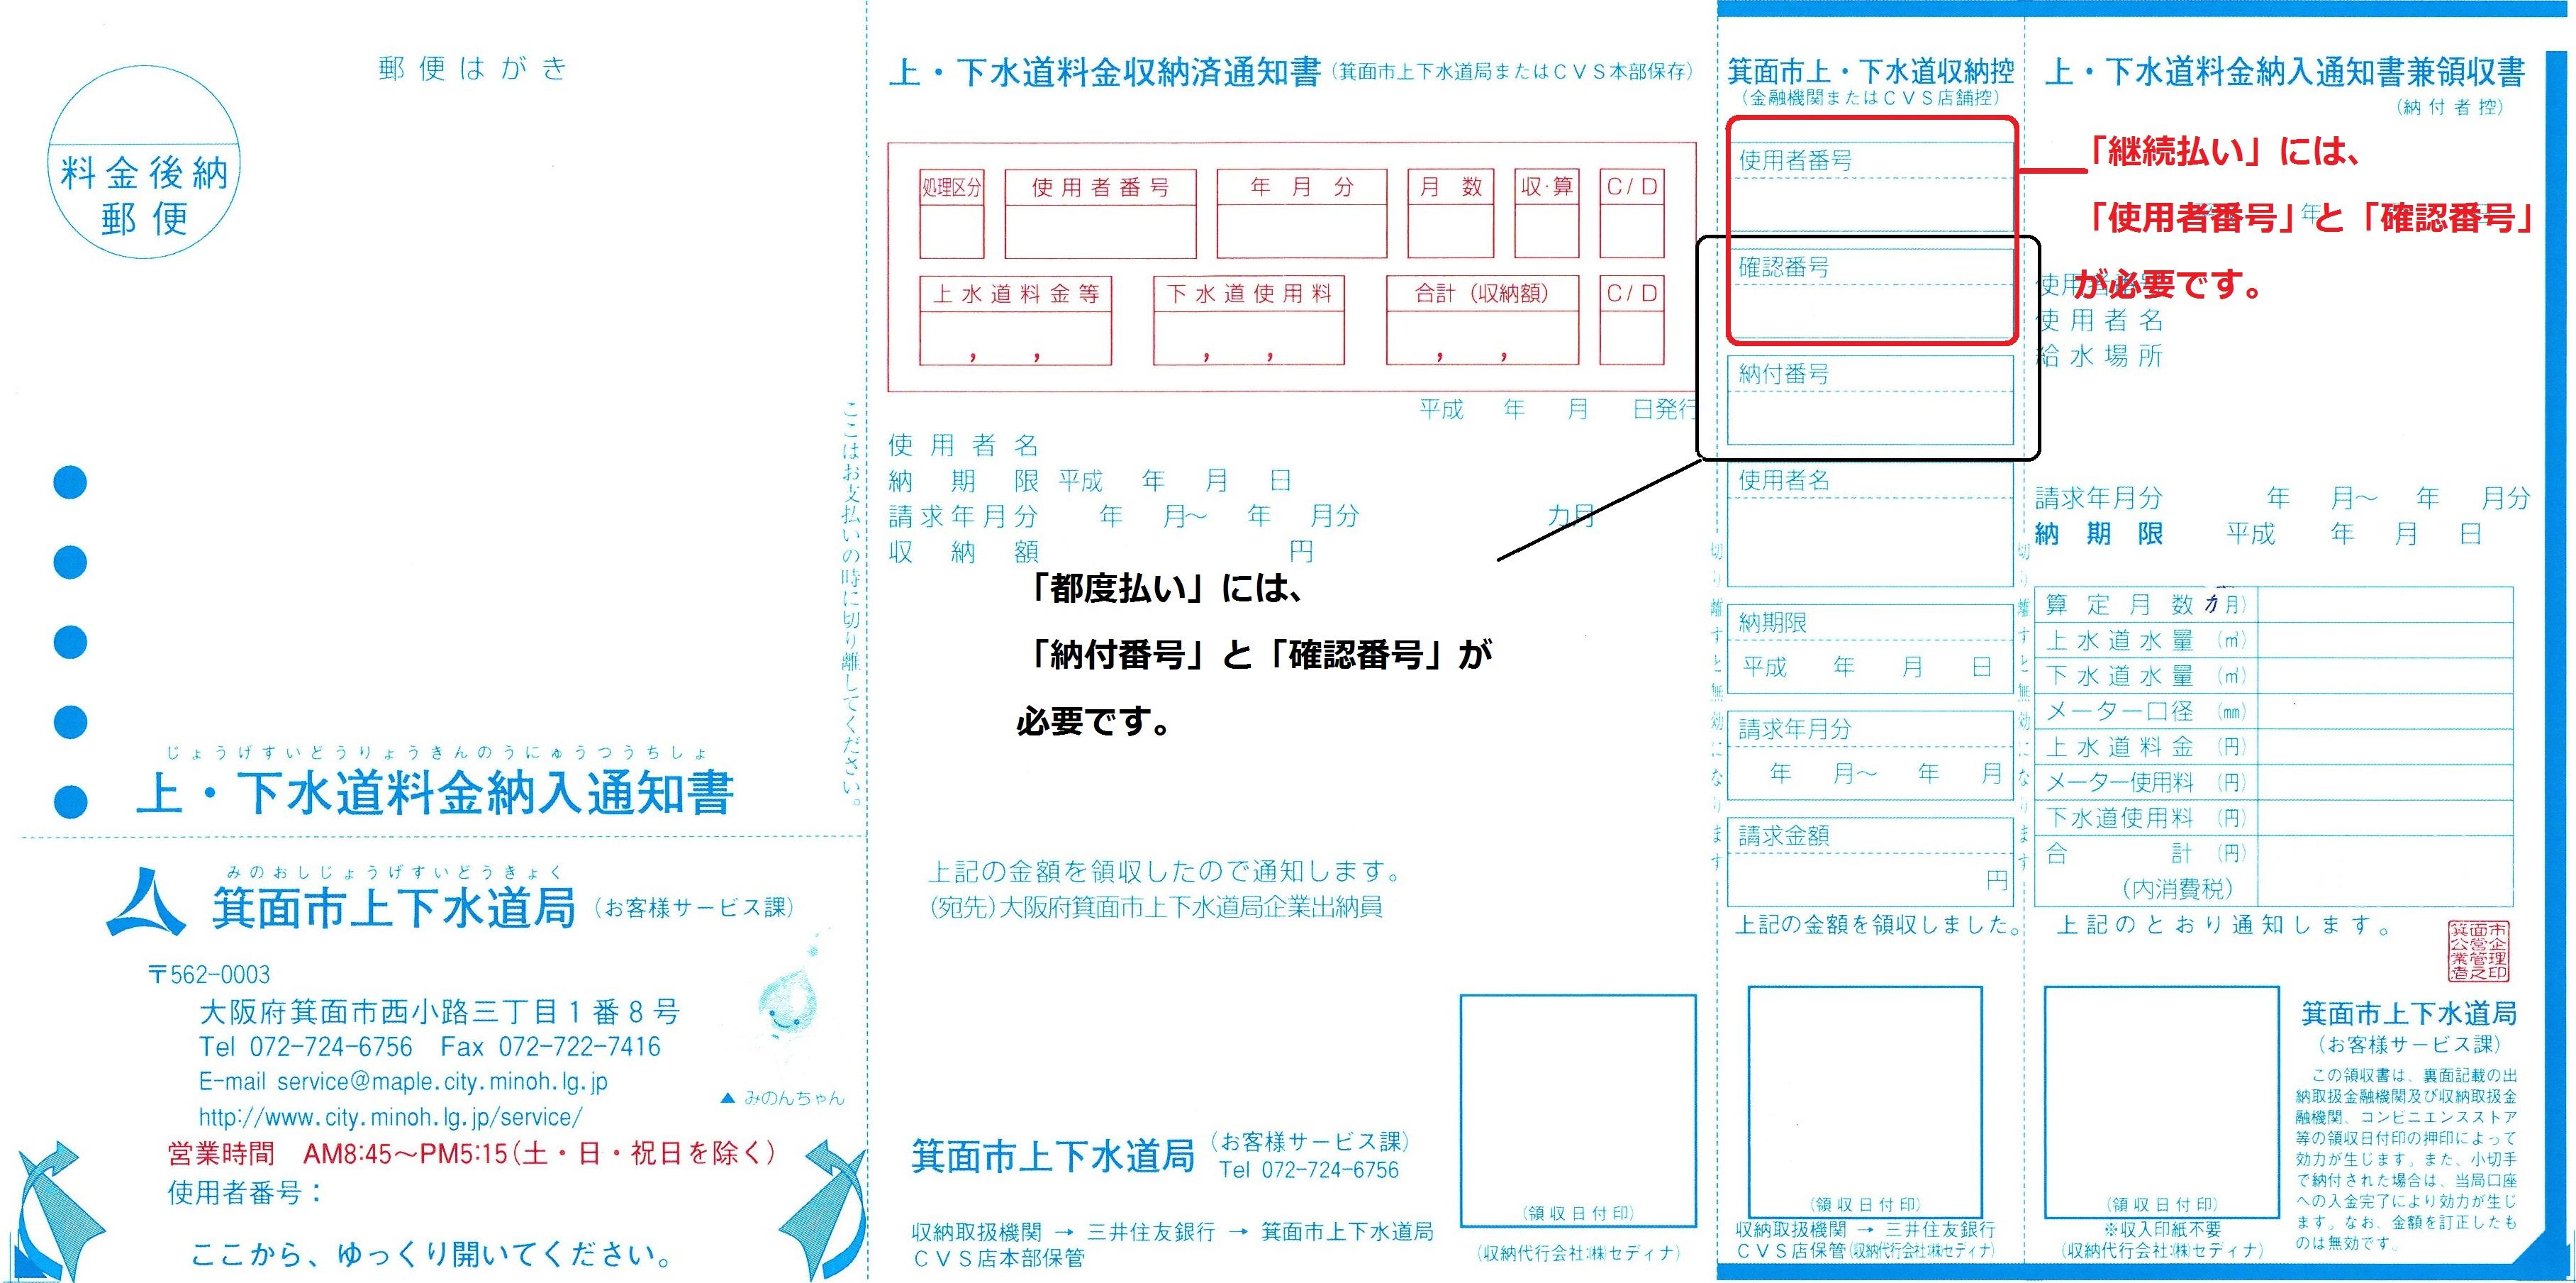 「都度払い」についてOriginal text